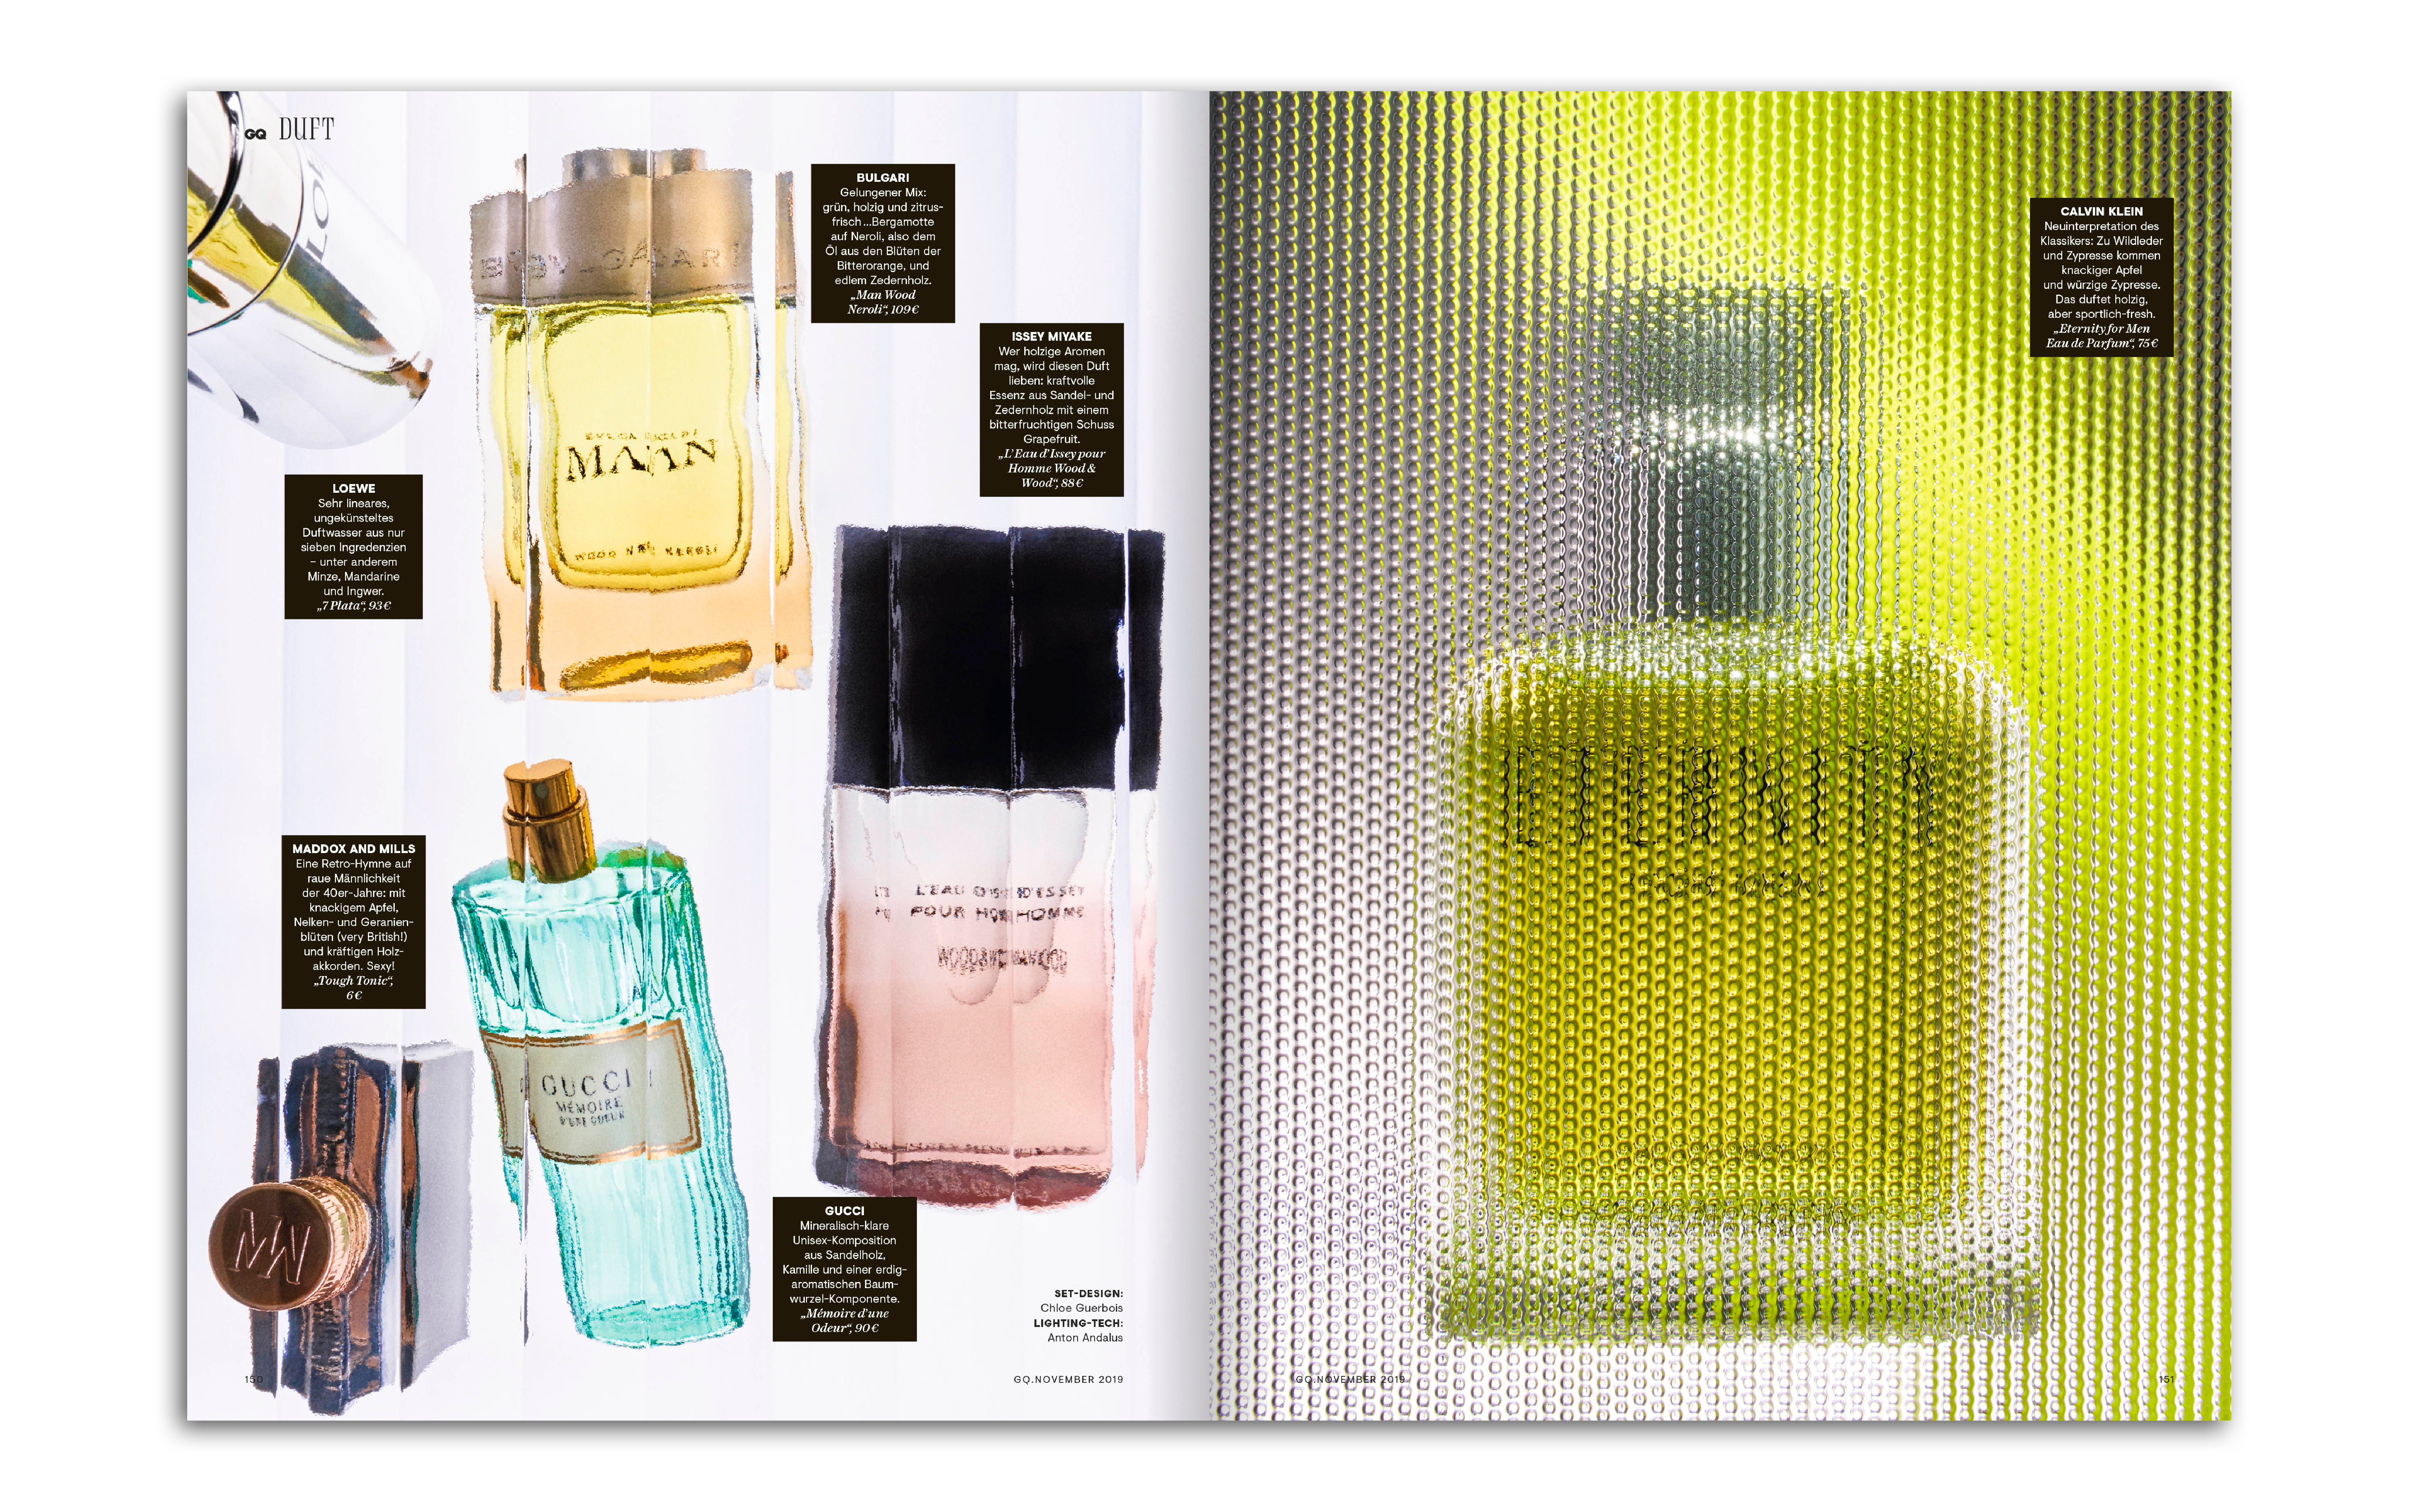 GQ_Parfum3